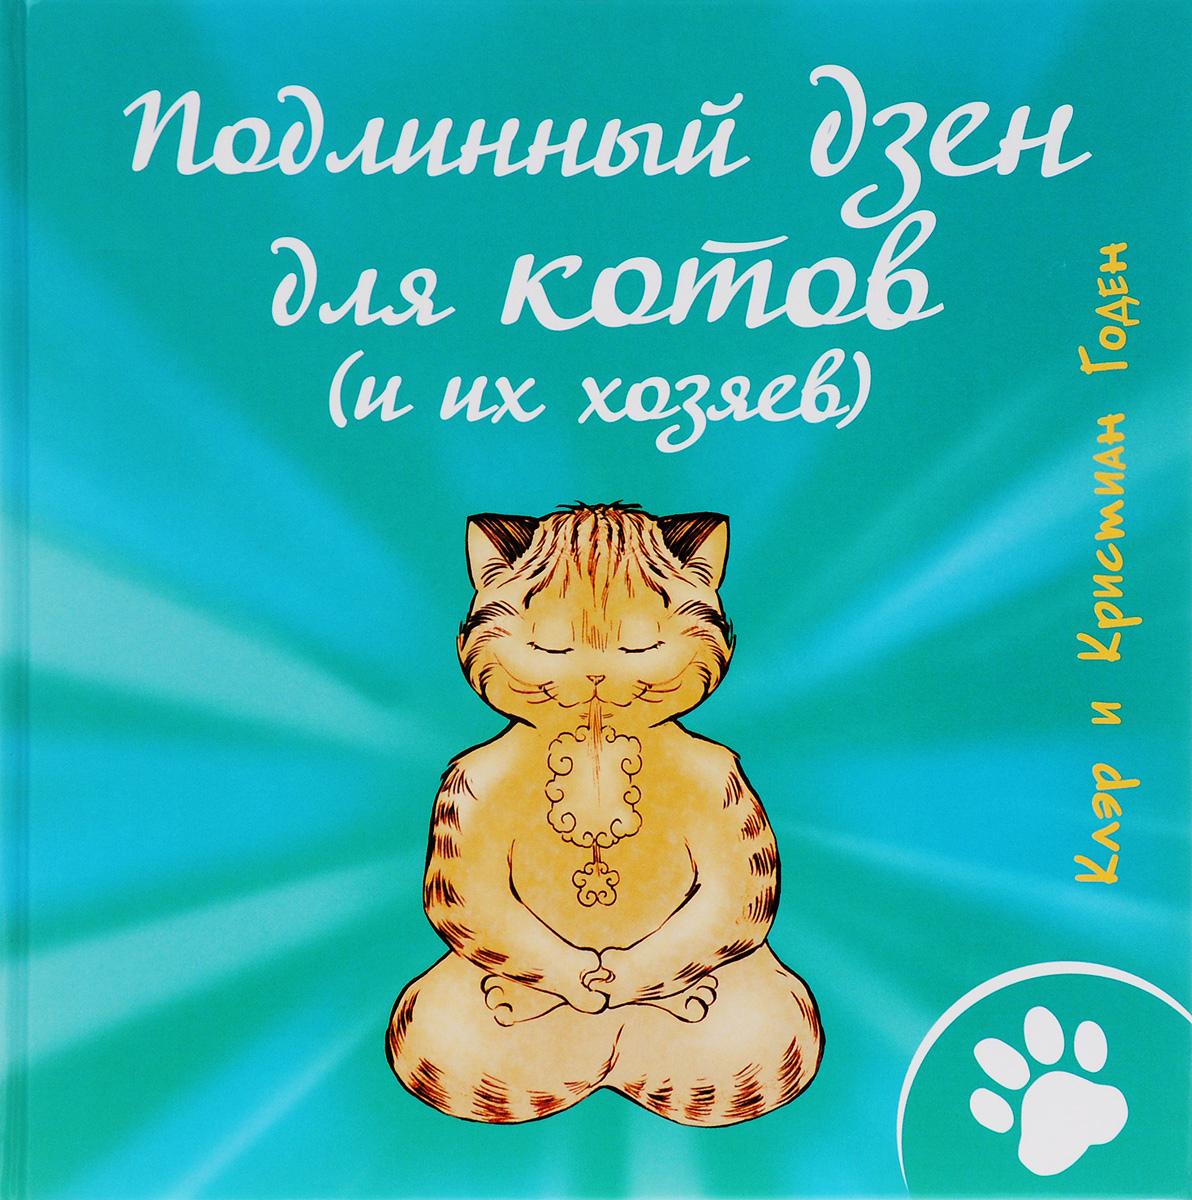 Подлинный дзен для котов (и их хозяев). Годен Клэр и Кристиан